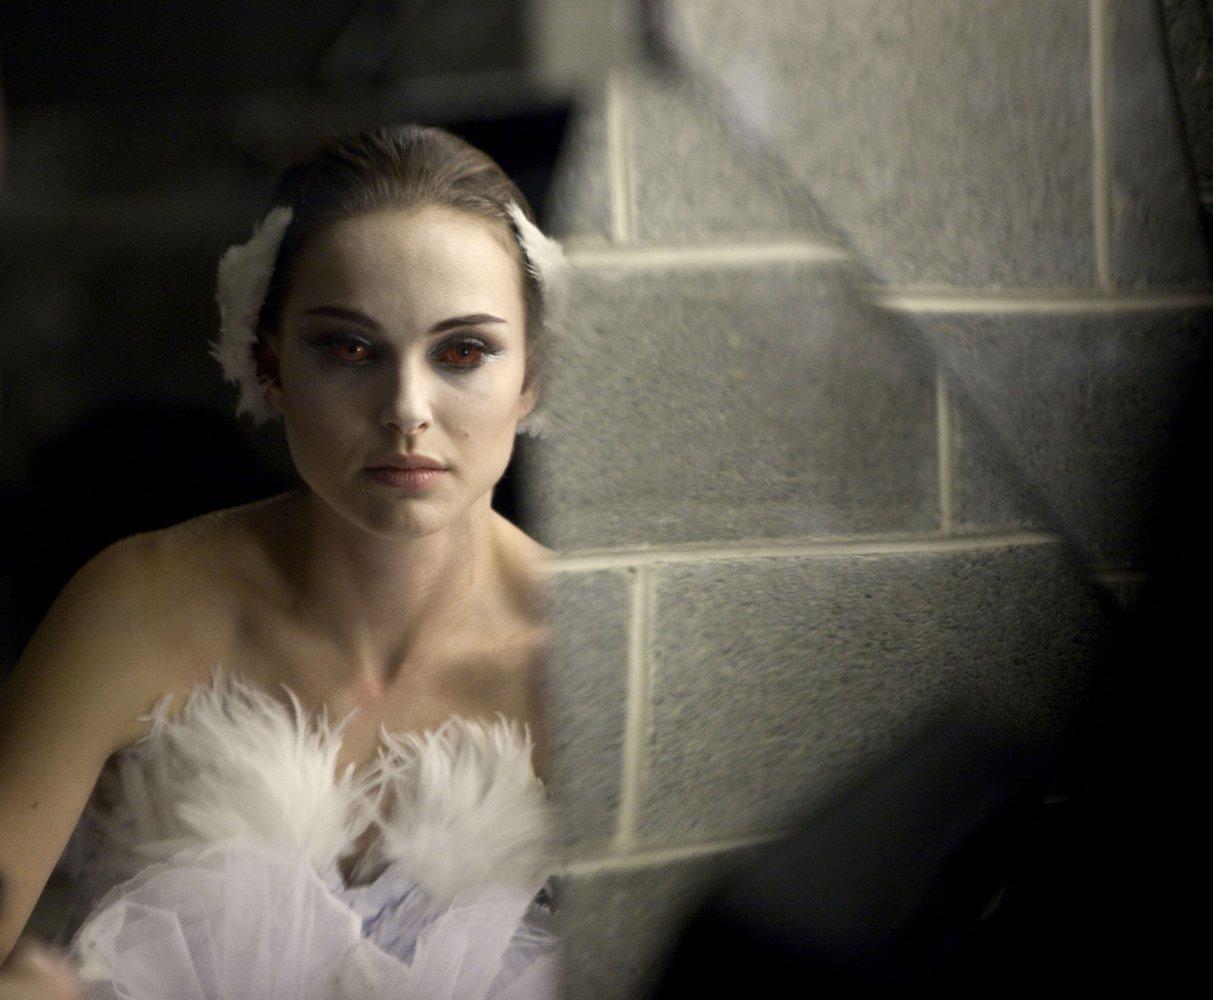 Лучшая женская роль Оскар 25 лет Натали Портман Черный лебедь 2010